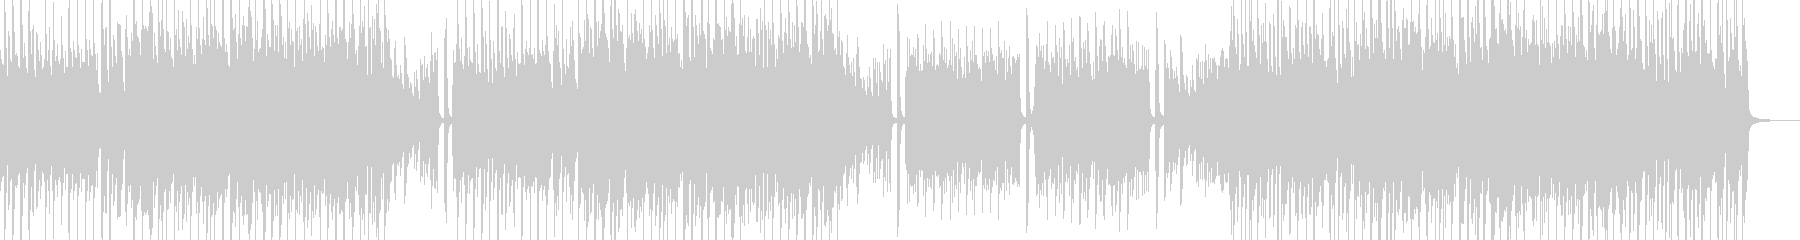 スマートポップ 打楽器無&ベース有の未再生の波形